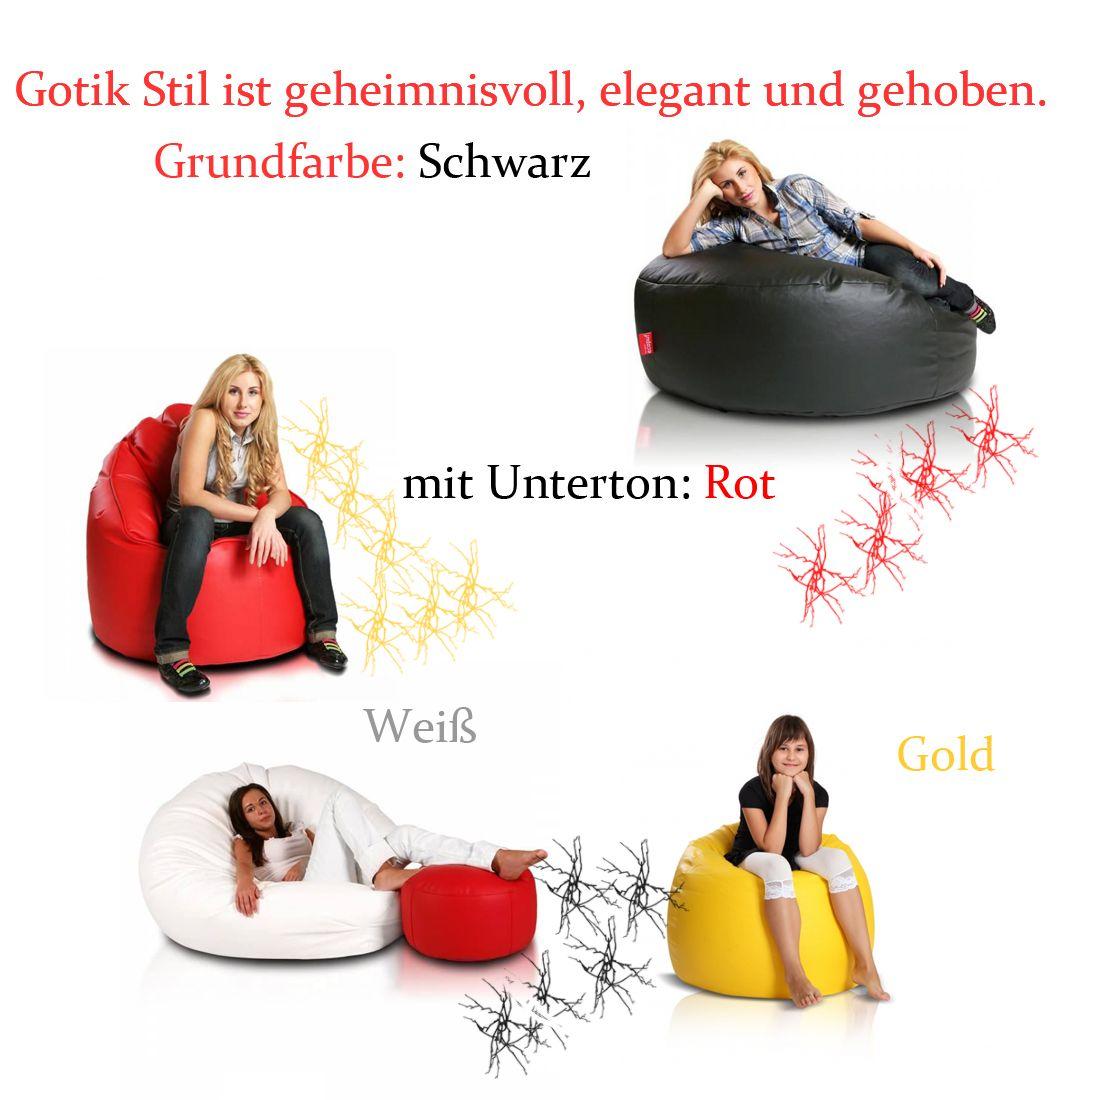 Der gotik Stil, was hier passt? Mögen Sie dieser Stil oder sind Sie Fanatiker der hellen Farben? Ab und zu genügt nur Dekoration in der Form Sessel oder Sitzsack. #form #sessel #Sitzsack #Gotik #Stil www.furini-sitzsack.de